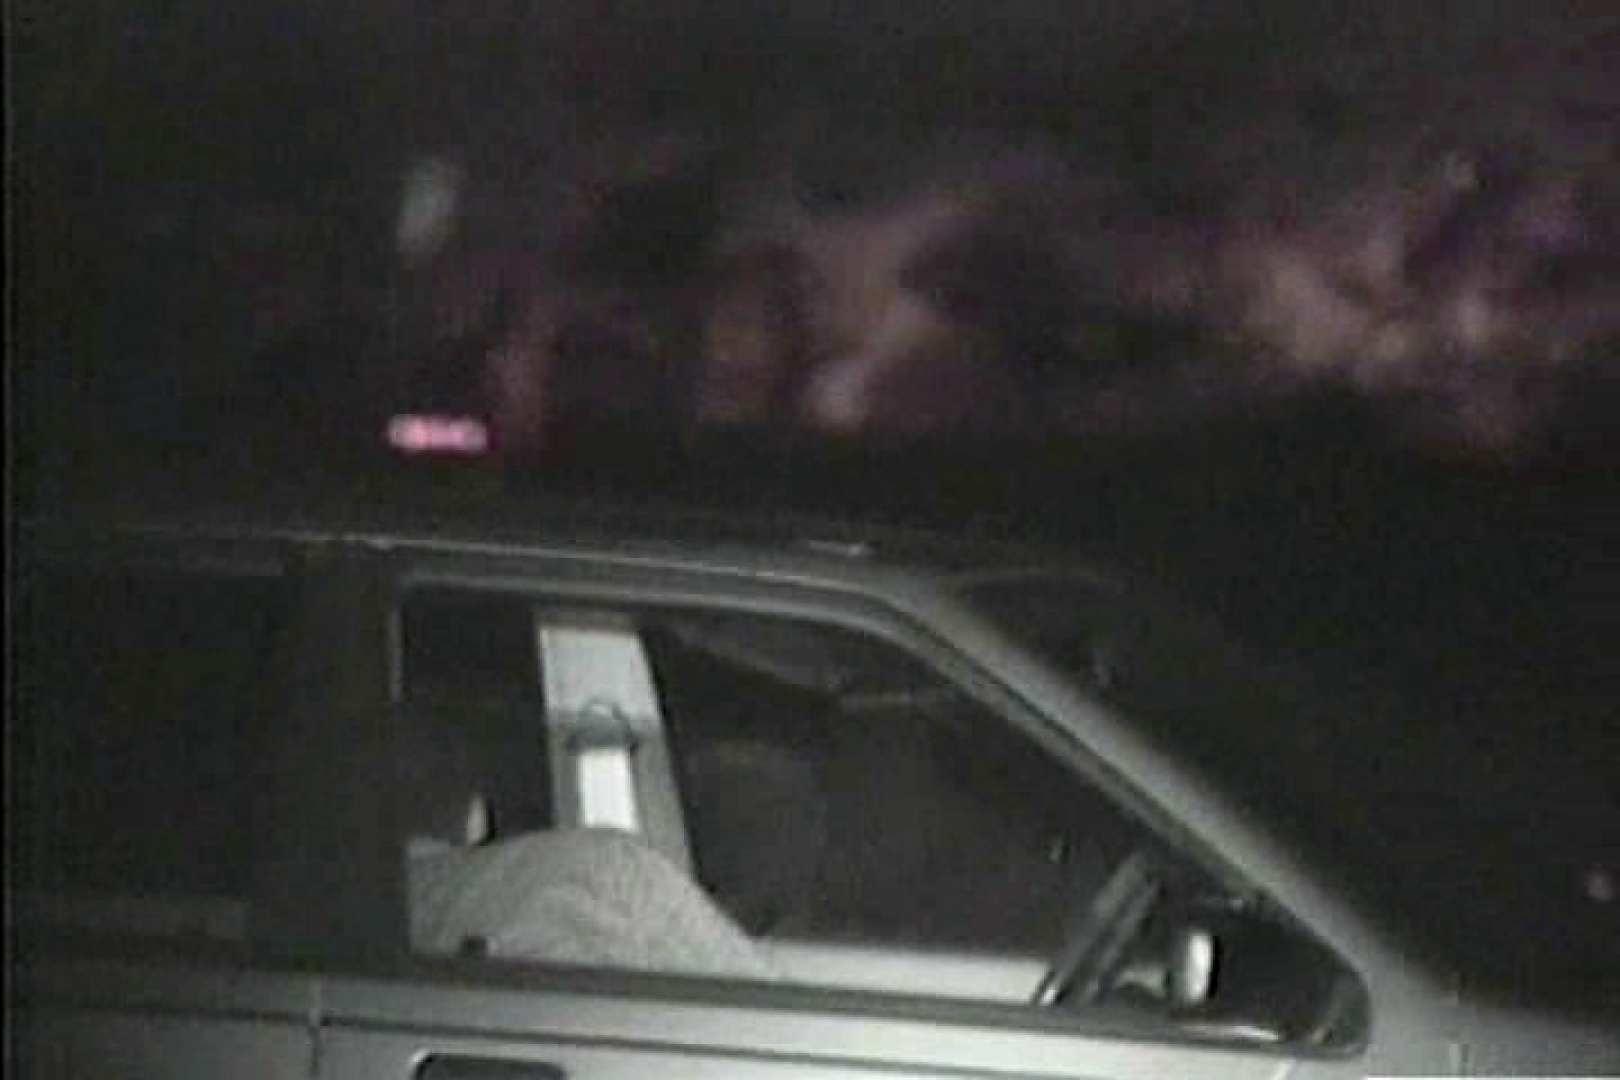 車の中はラブホテル 無修正版  Vol.9 エッチなセックス セックス画像 60画像 27